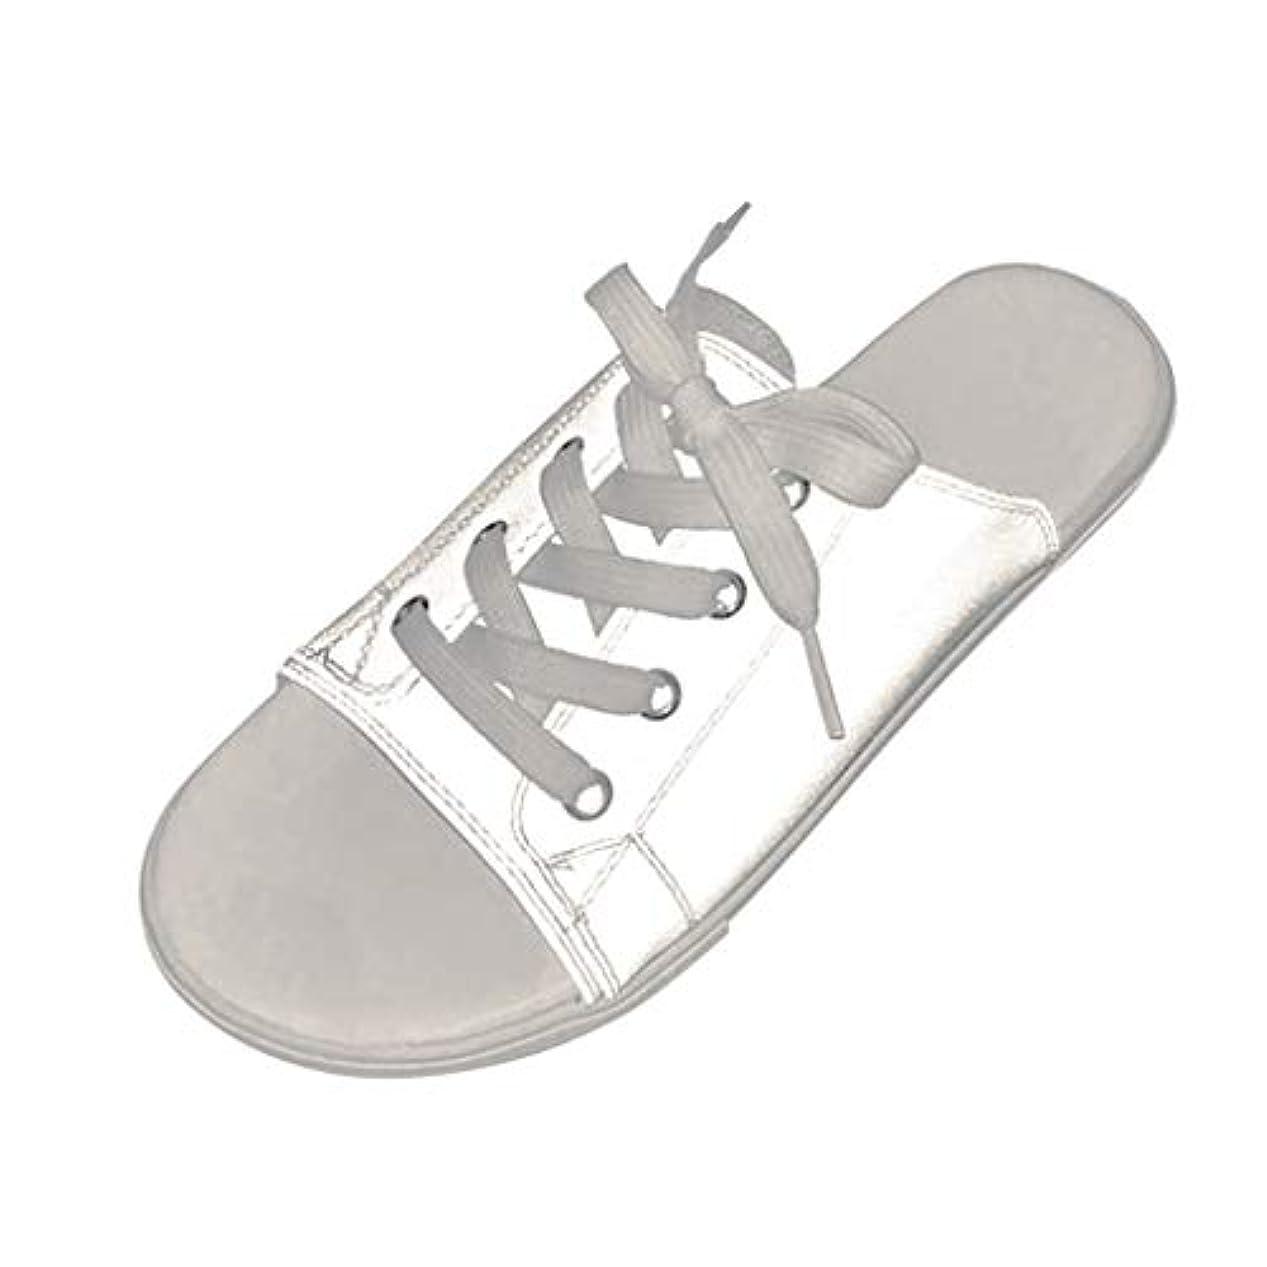 自己尊重キャリッジシンクカップルは靴を照らす スリッパシューズ サンダル フラットビーチシューズ 魚の口の靴 輝くサンダル フラットスリッパ レースアップビーチサンダル